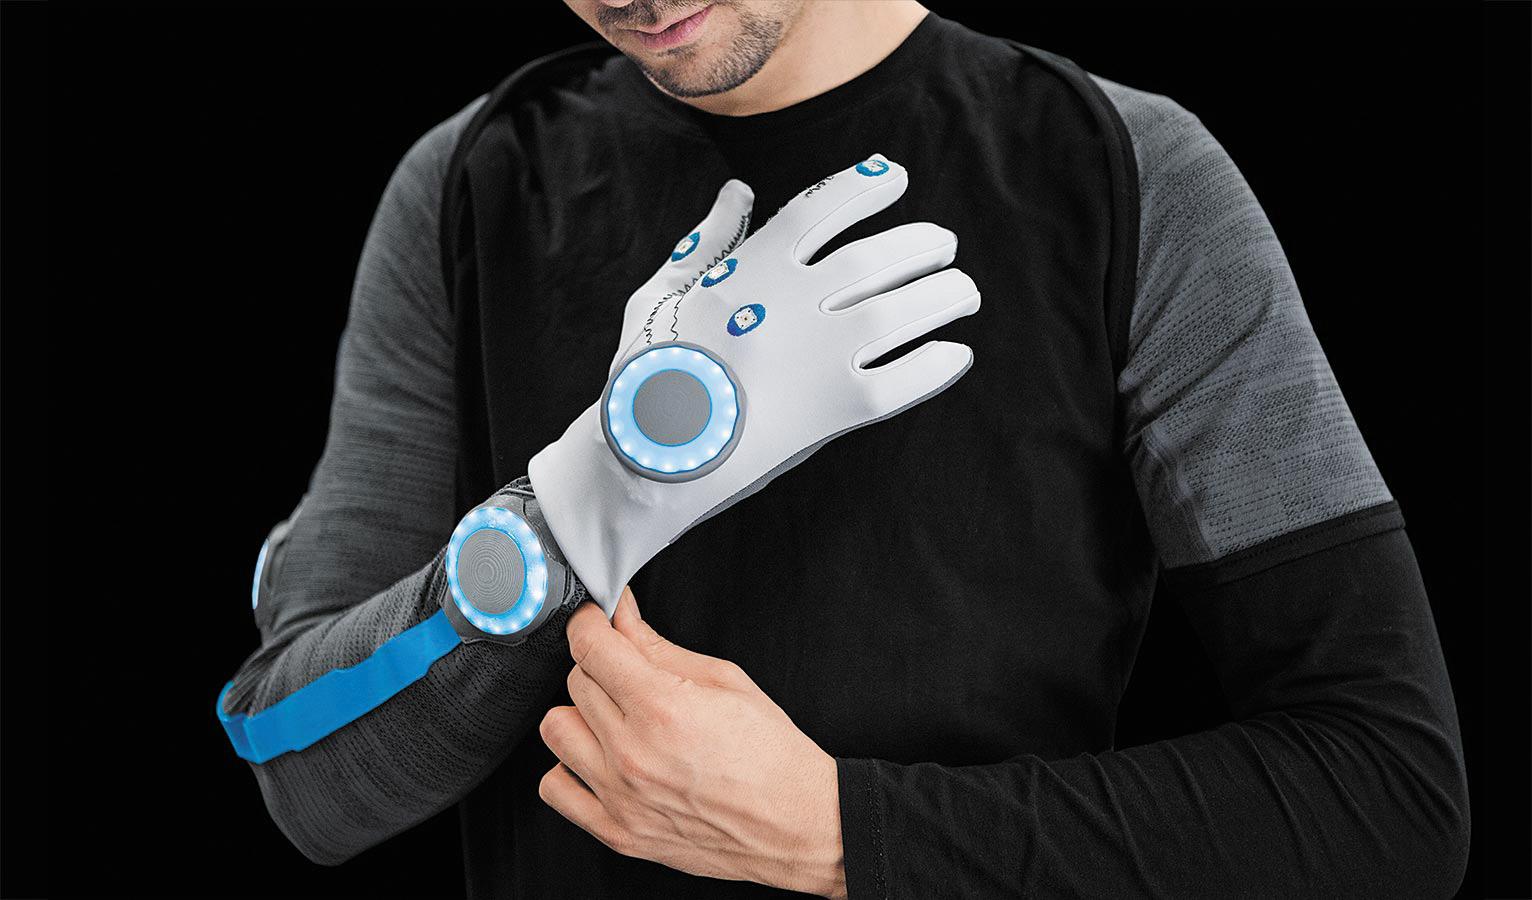 рабочая одежда с сенсорами для работы в среде BionicWorkplace